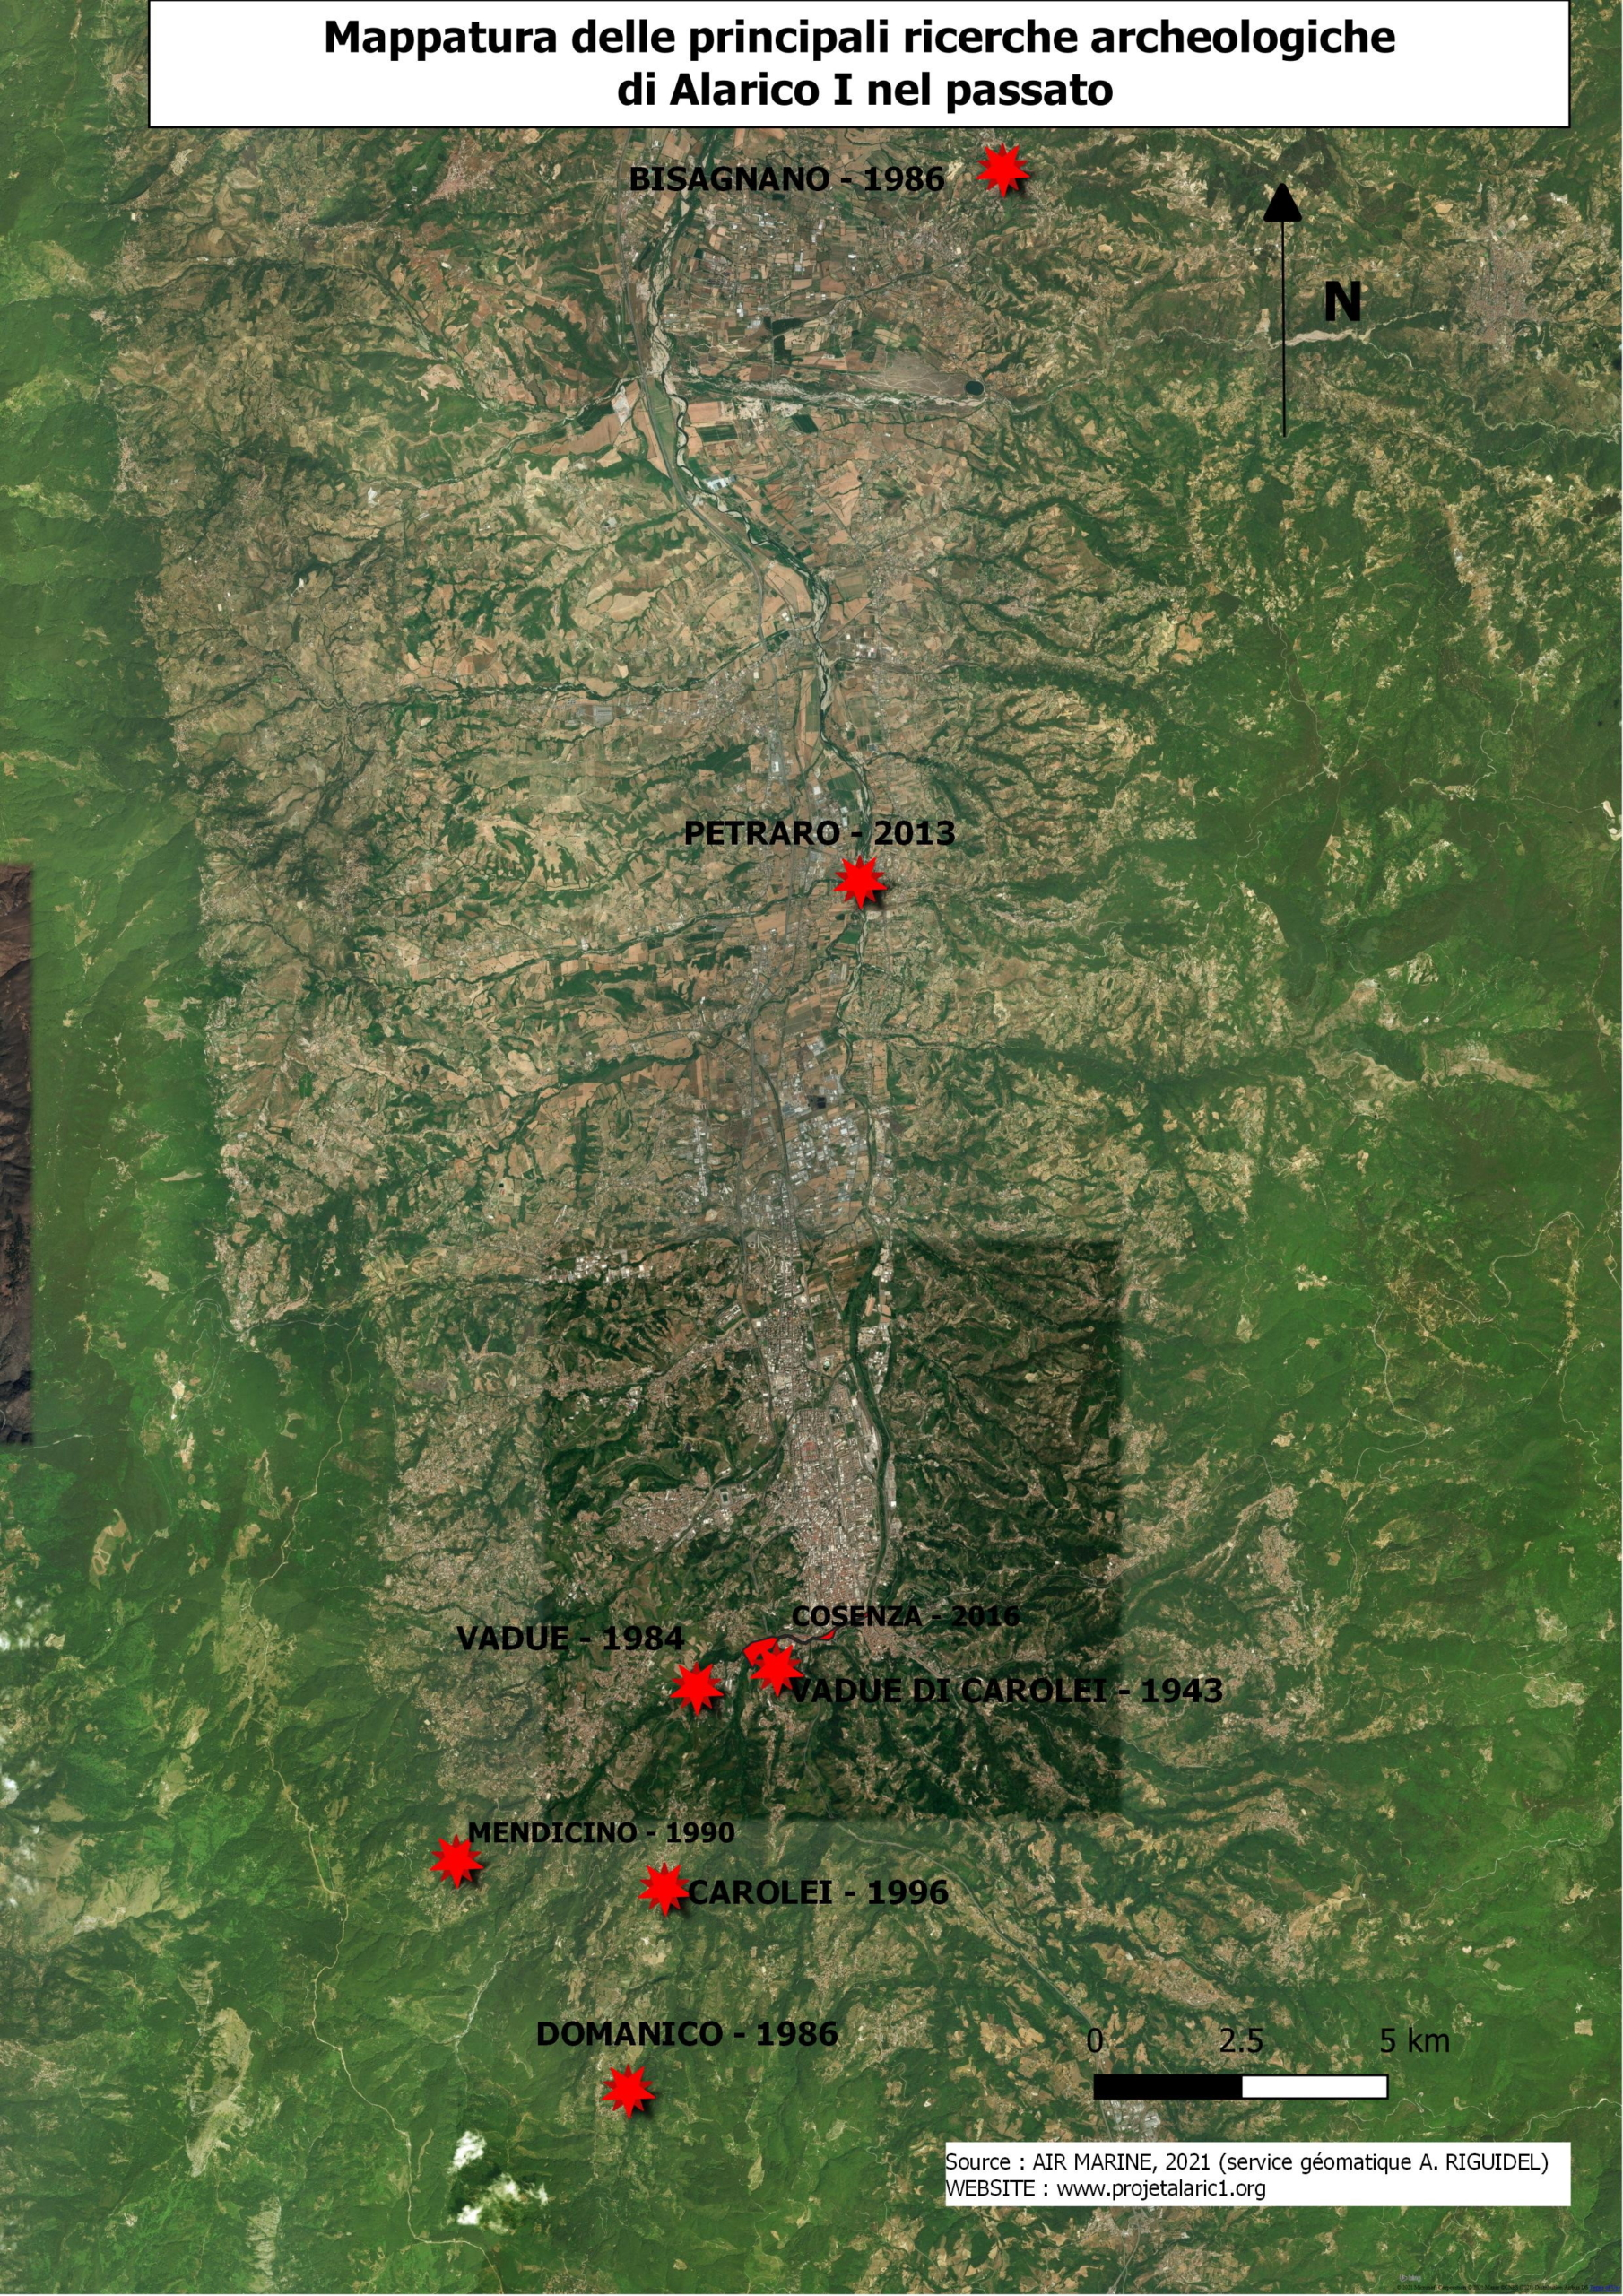 Mappatura delle principali ricerche archeologiche di Alarico I nel passato